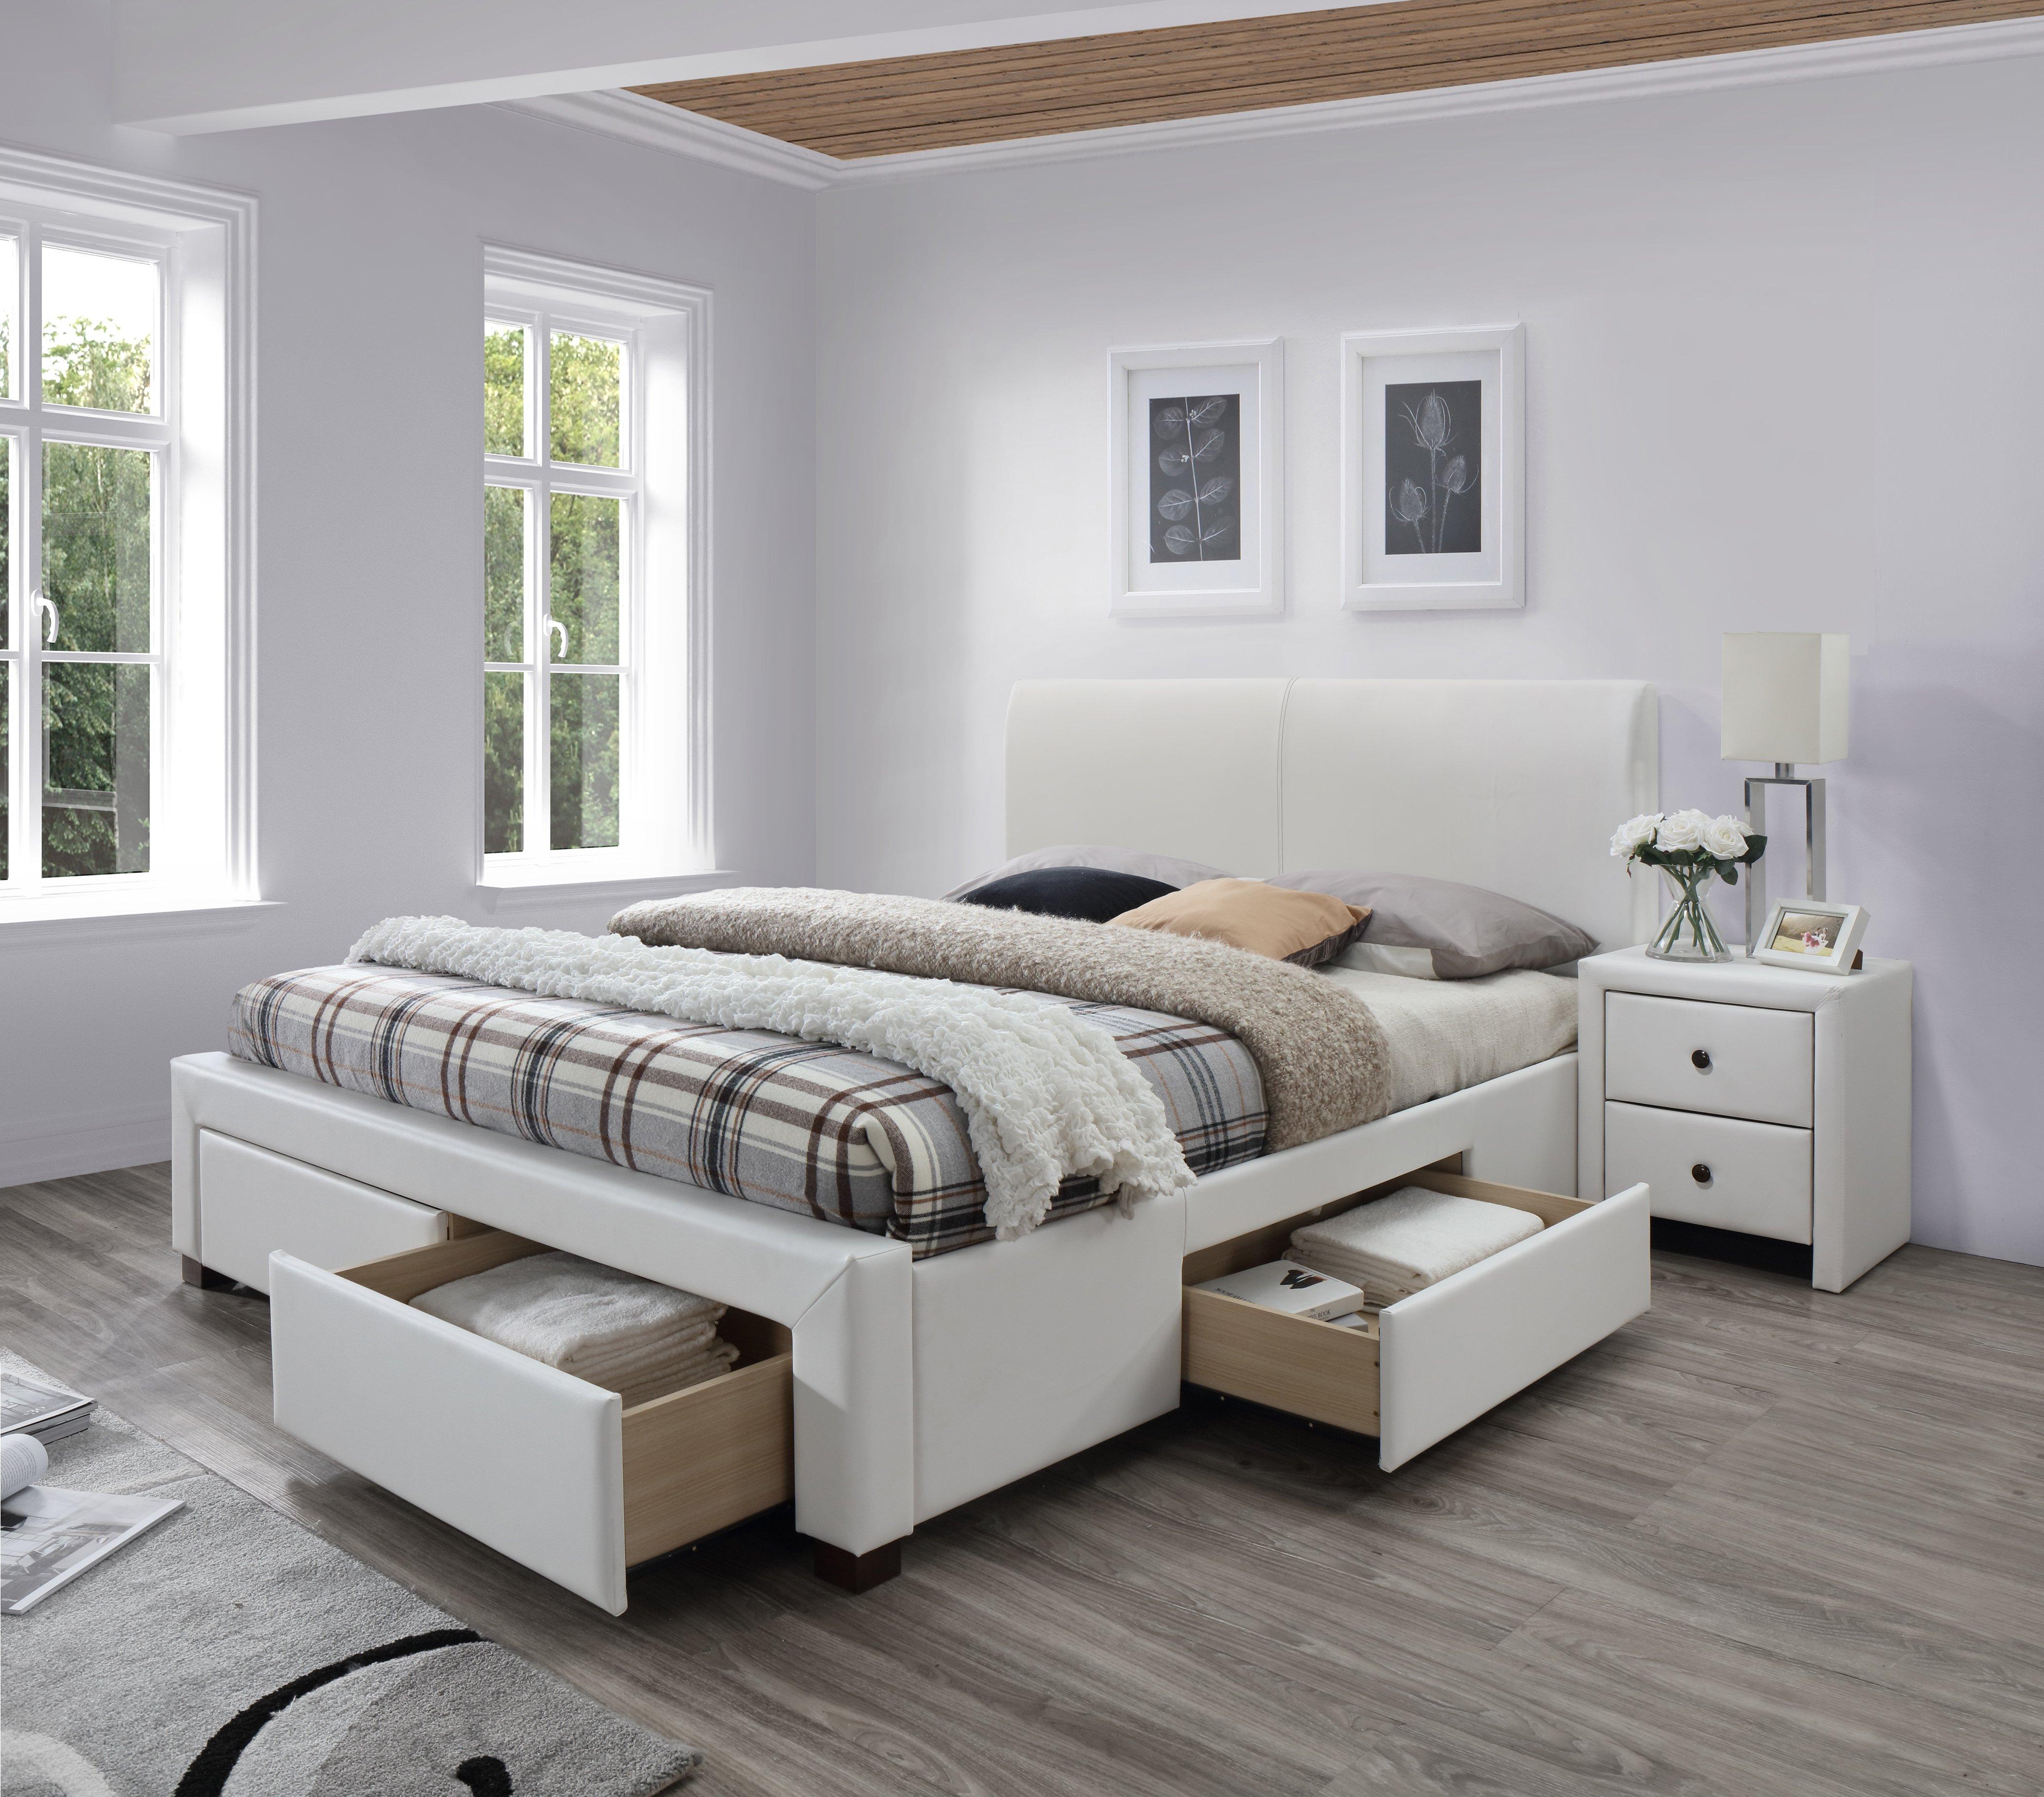 MODENA 2 postel biela